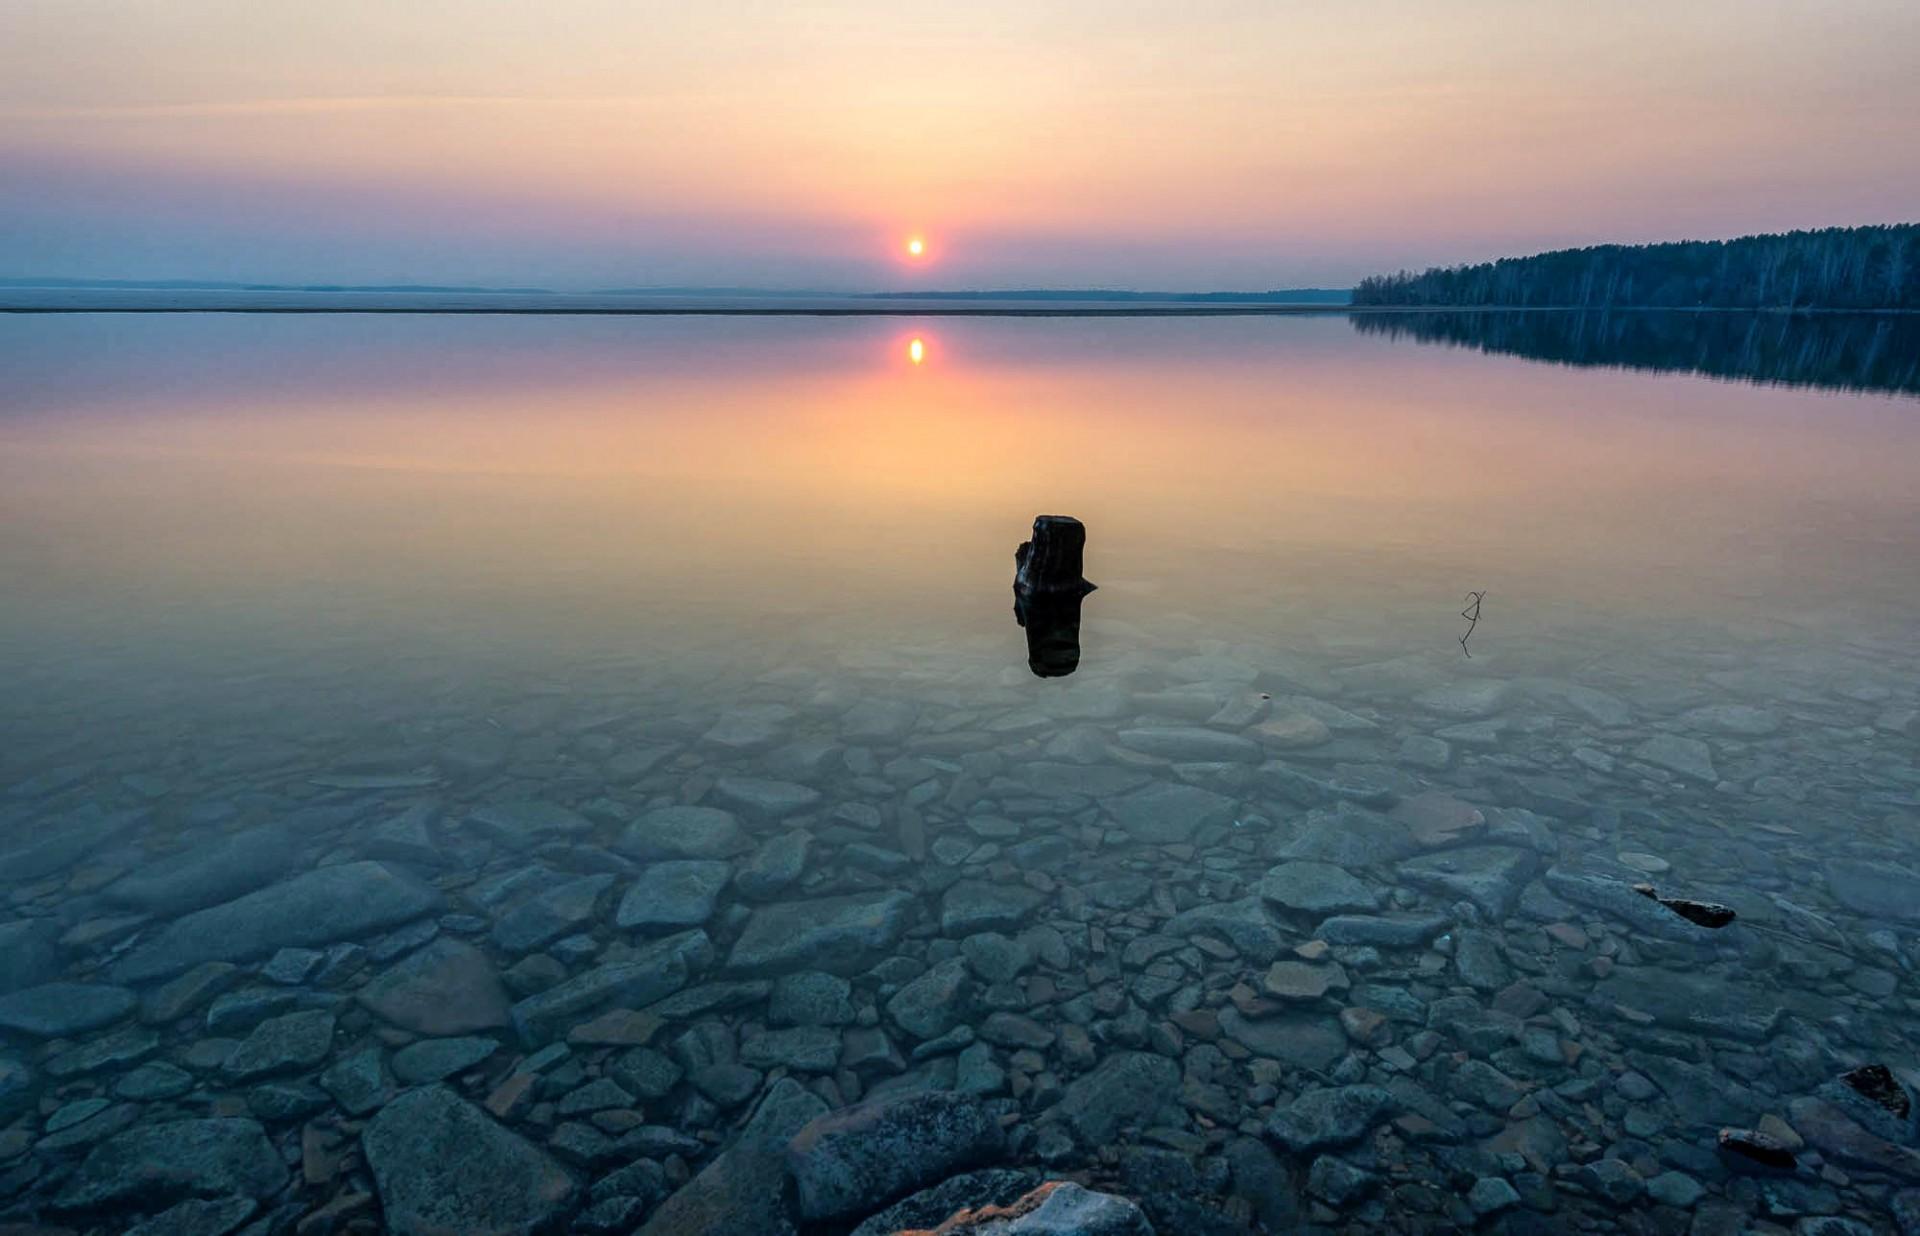 фото с озером на закате